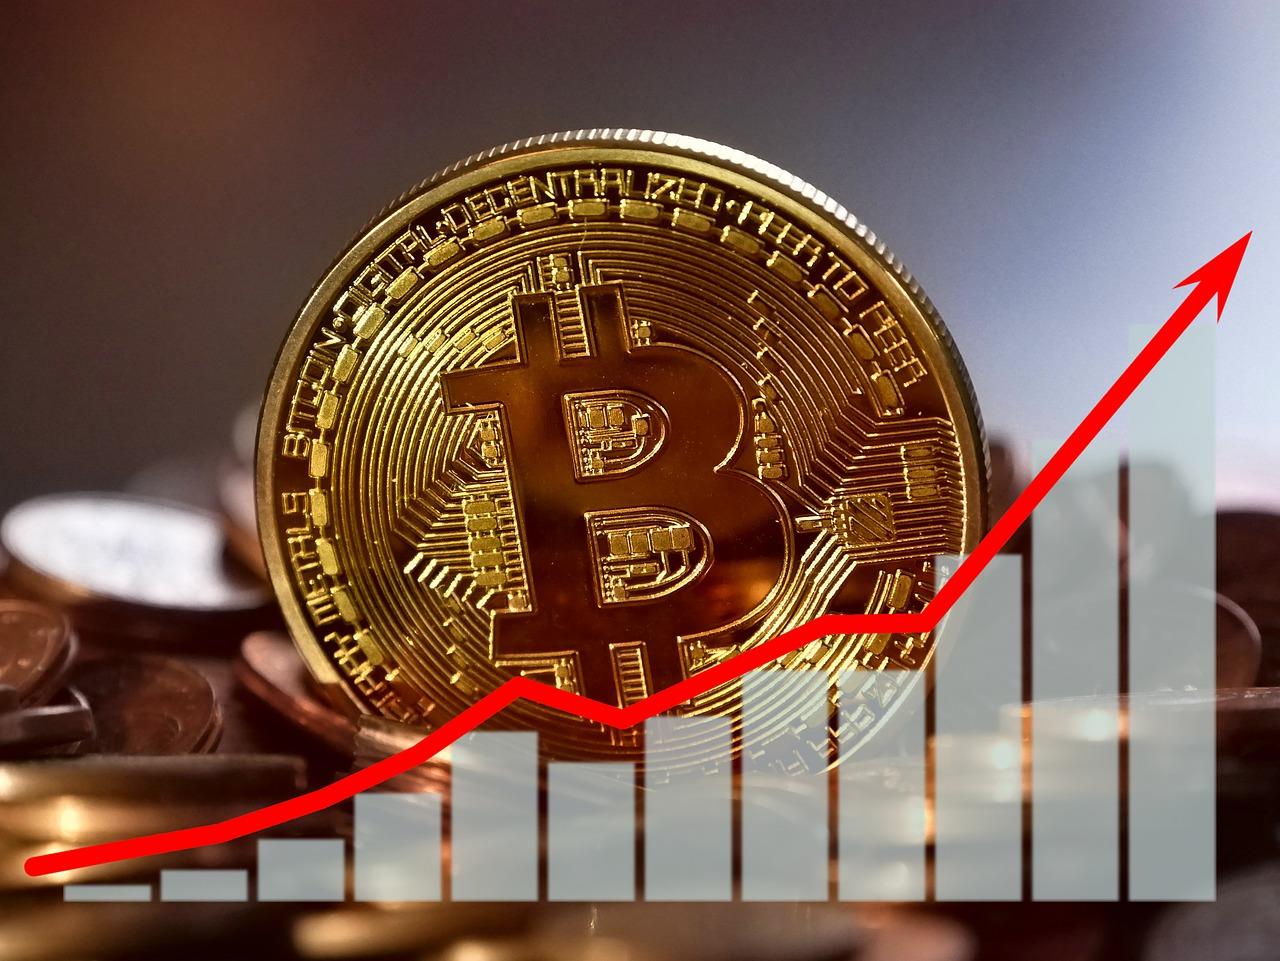 la maggior parte modo anonimo per acquistare bitcoin quando non bitcoin iniziare a fare trading sul cme